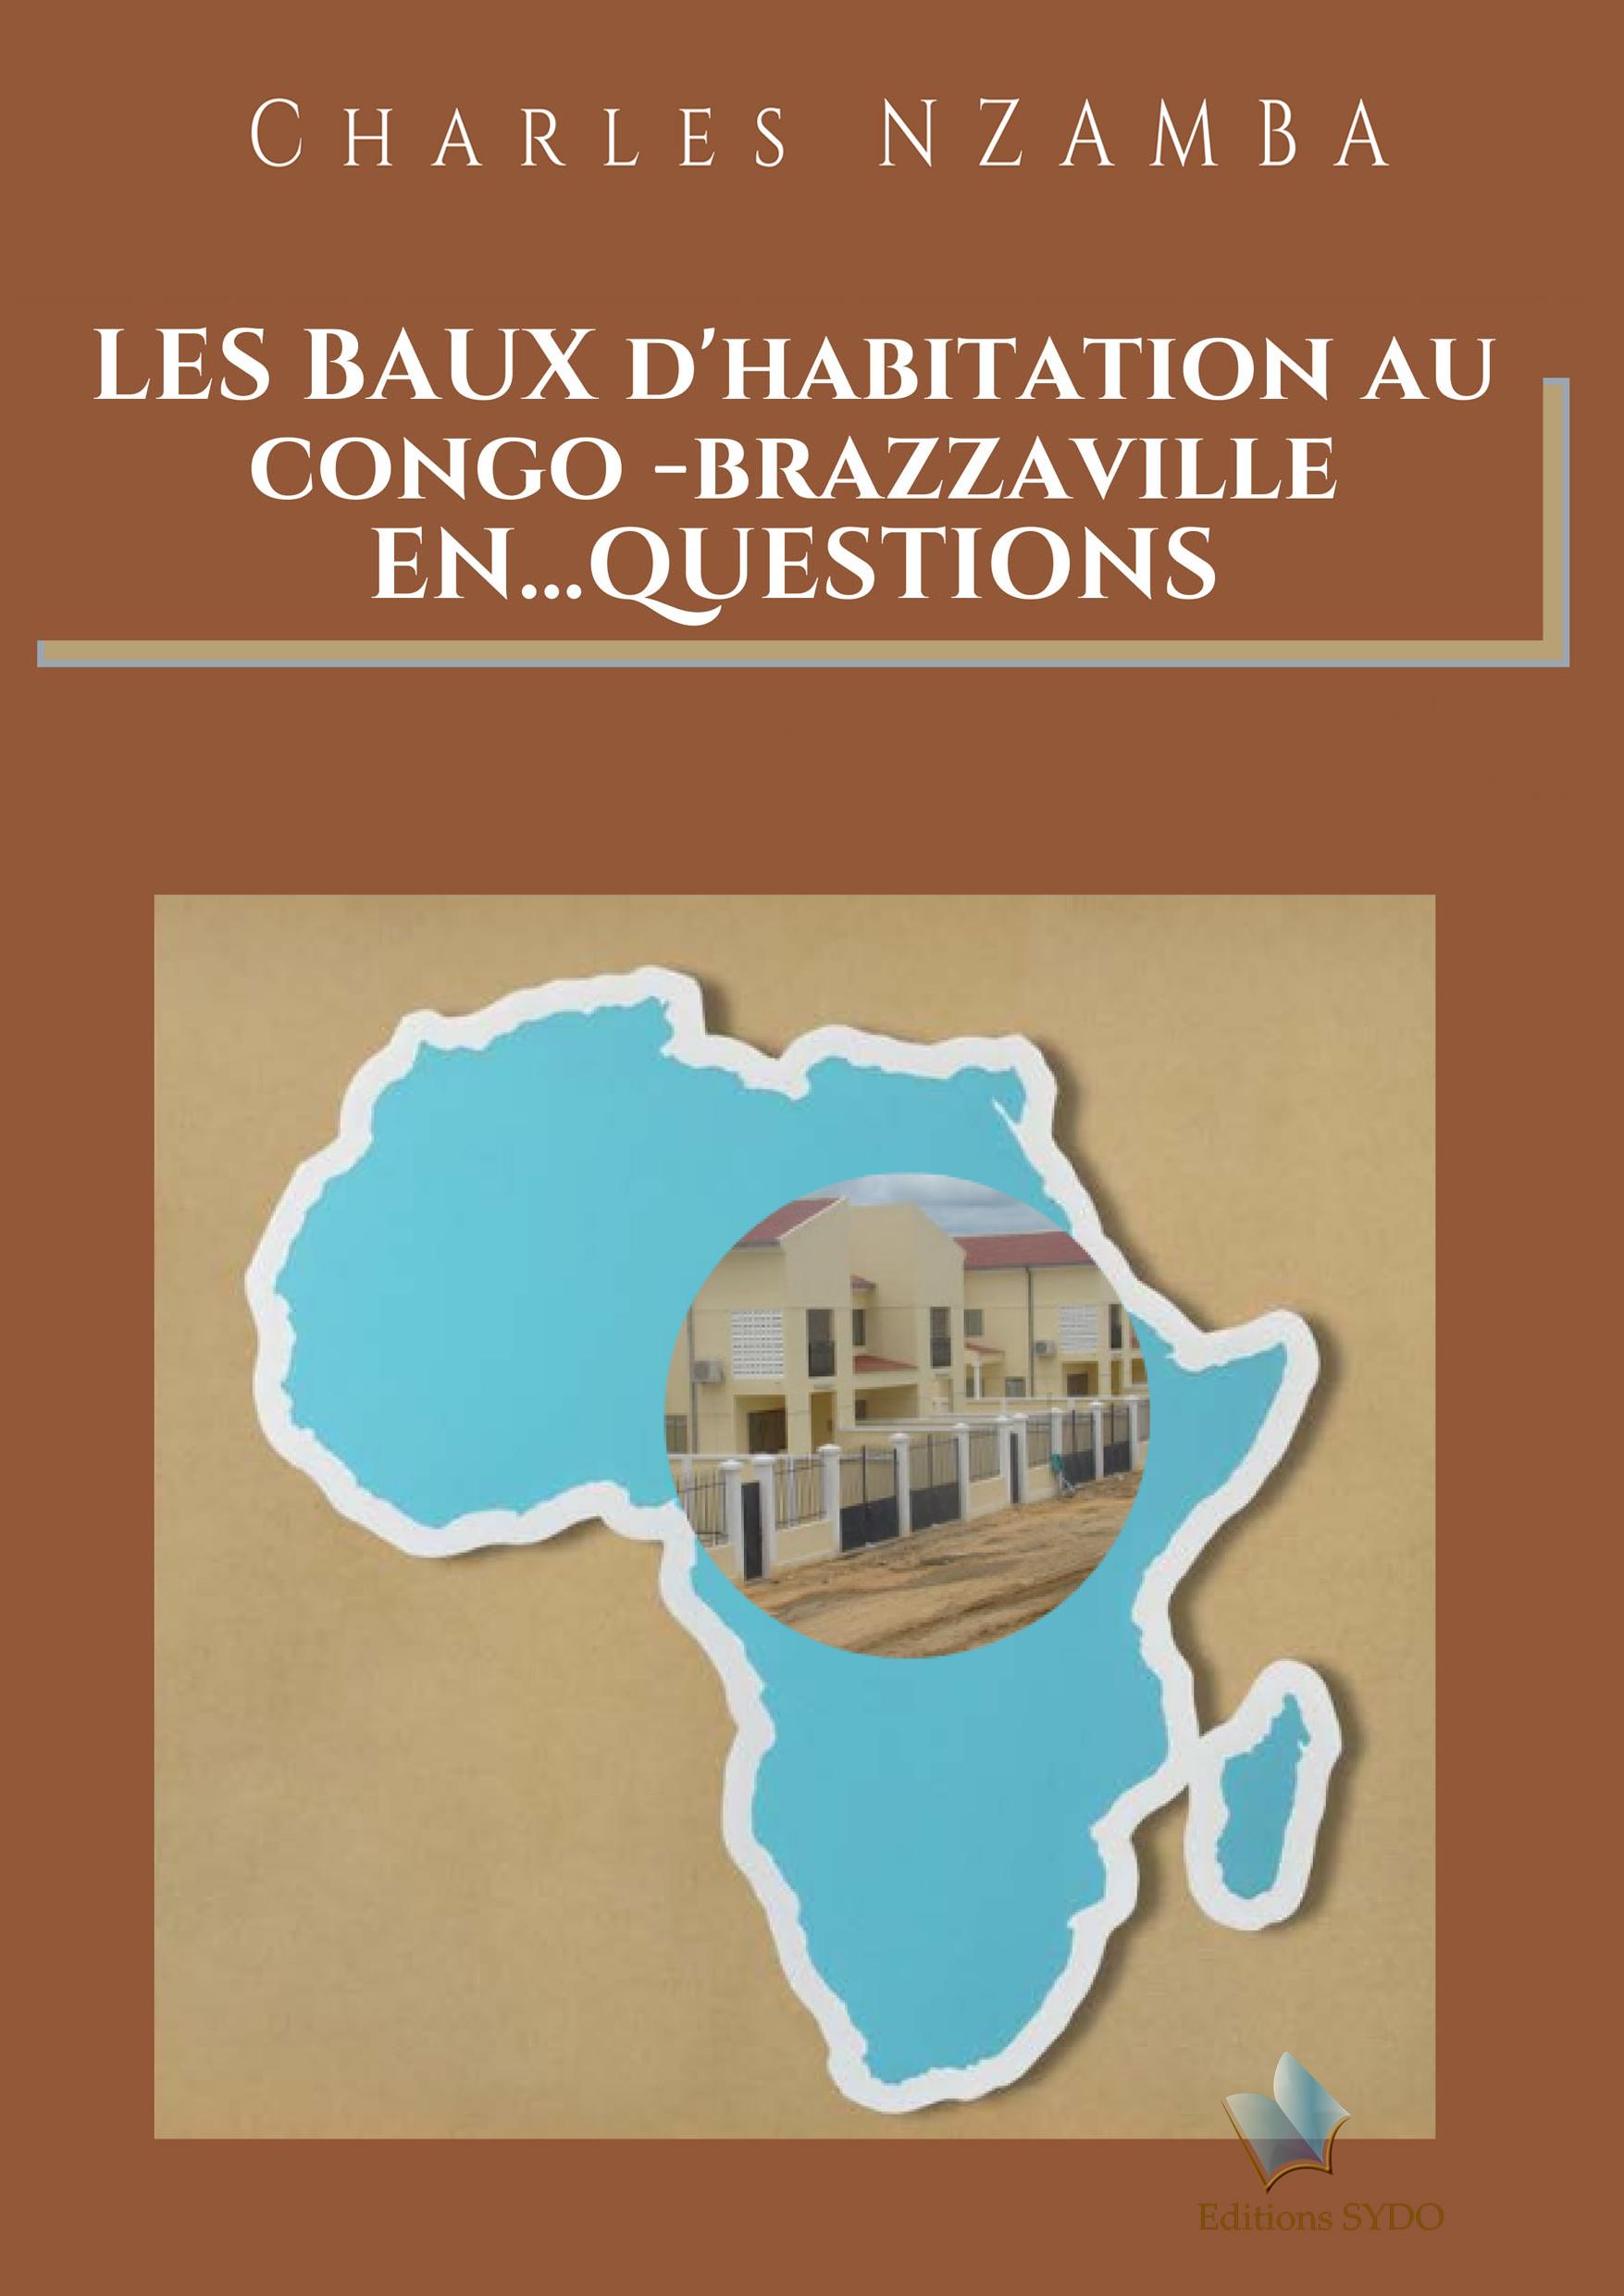 LES BAUX D'HABITATION EN…QUESTIONS